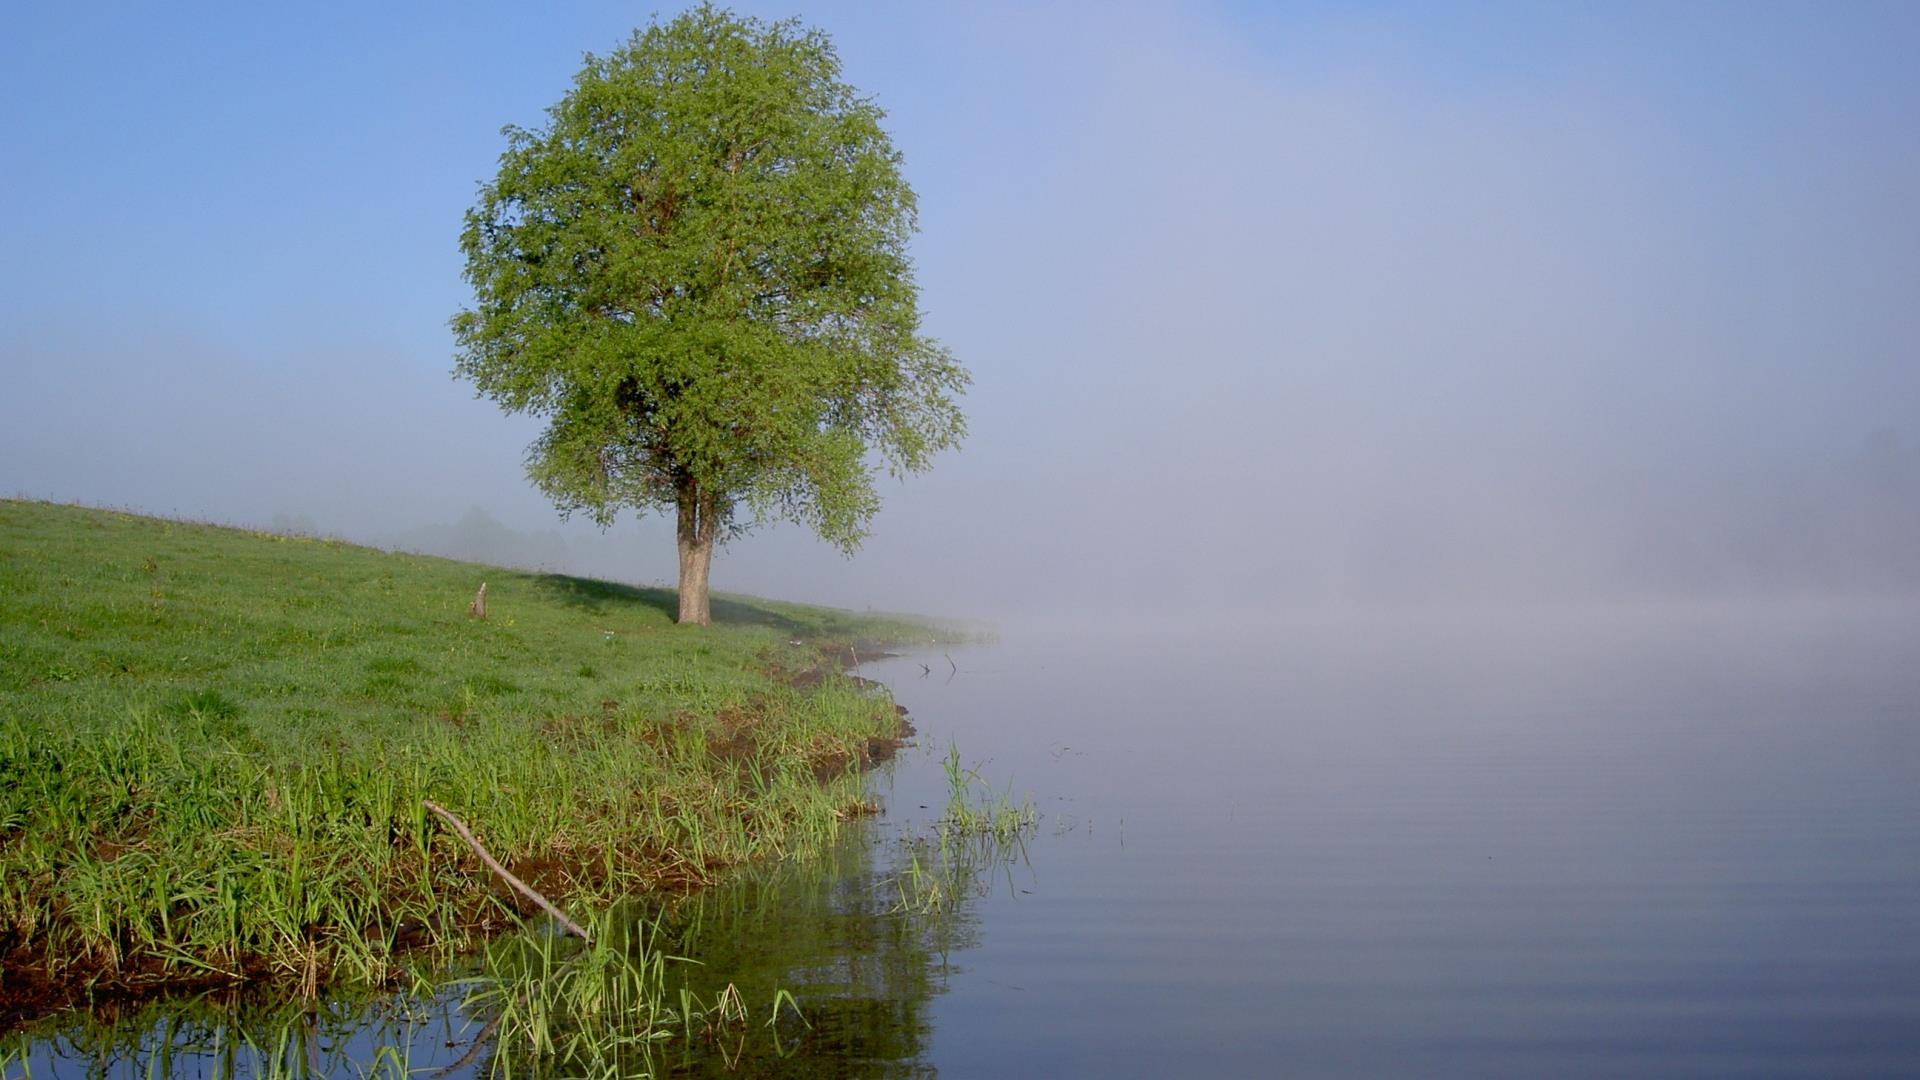 arbres-et-forets-en-pleine-nature_widescreen_08